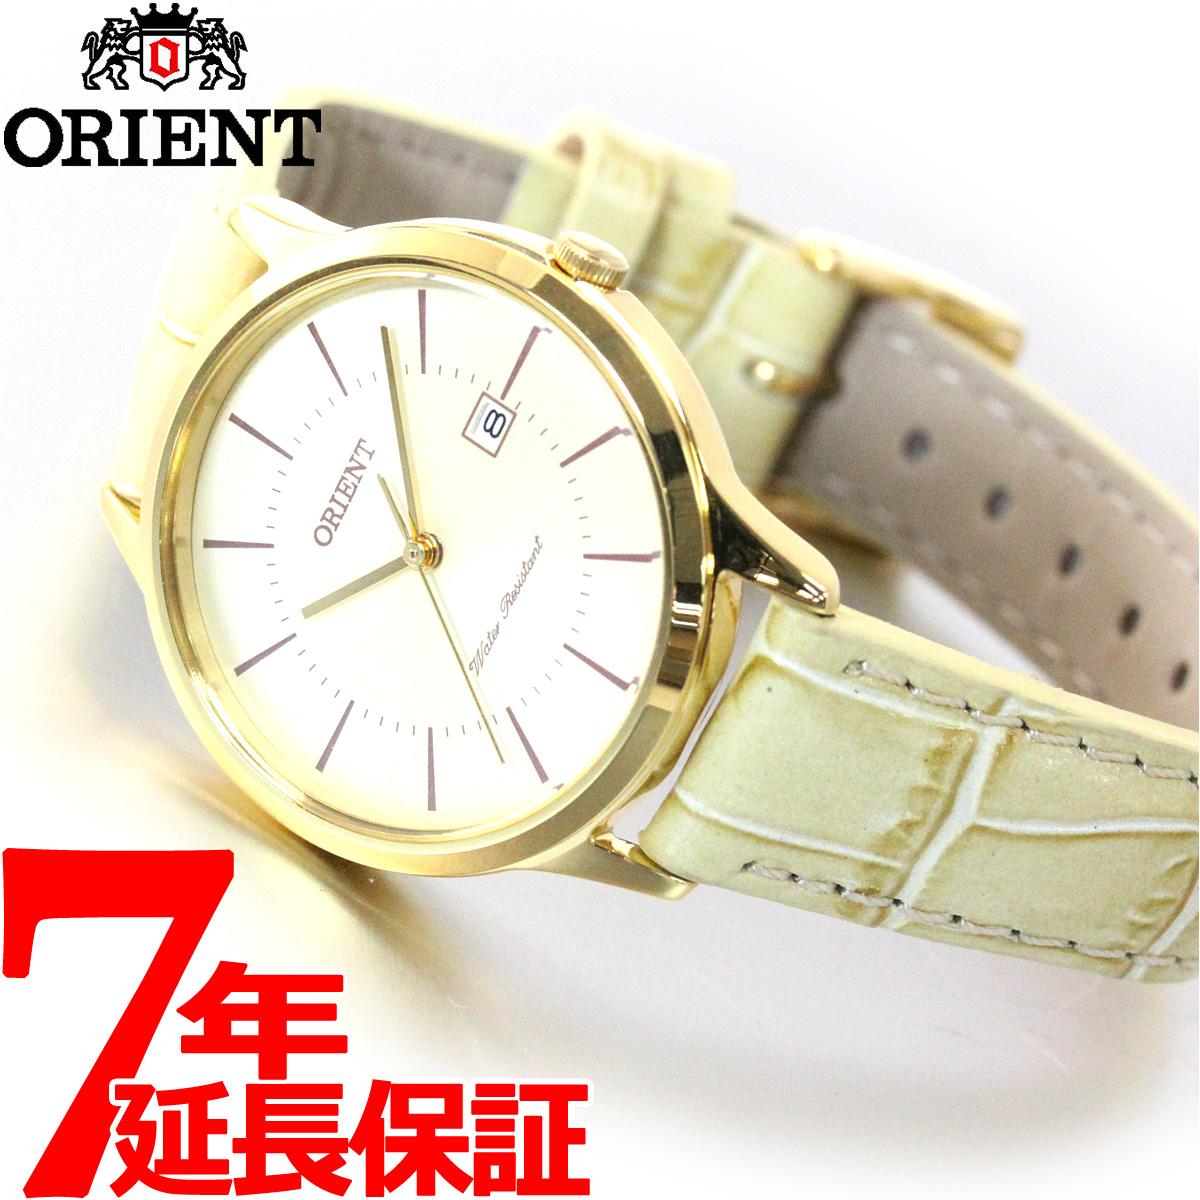 【5日0時~♪2000円OFFクーポン&店内ポイント最大51倍!5日23時59分まで】オリエント 腕時計 レディース クオーツ 流通限定モデル ORIENT コンテンポラリー CONTEMPORARY RH-QA0003G